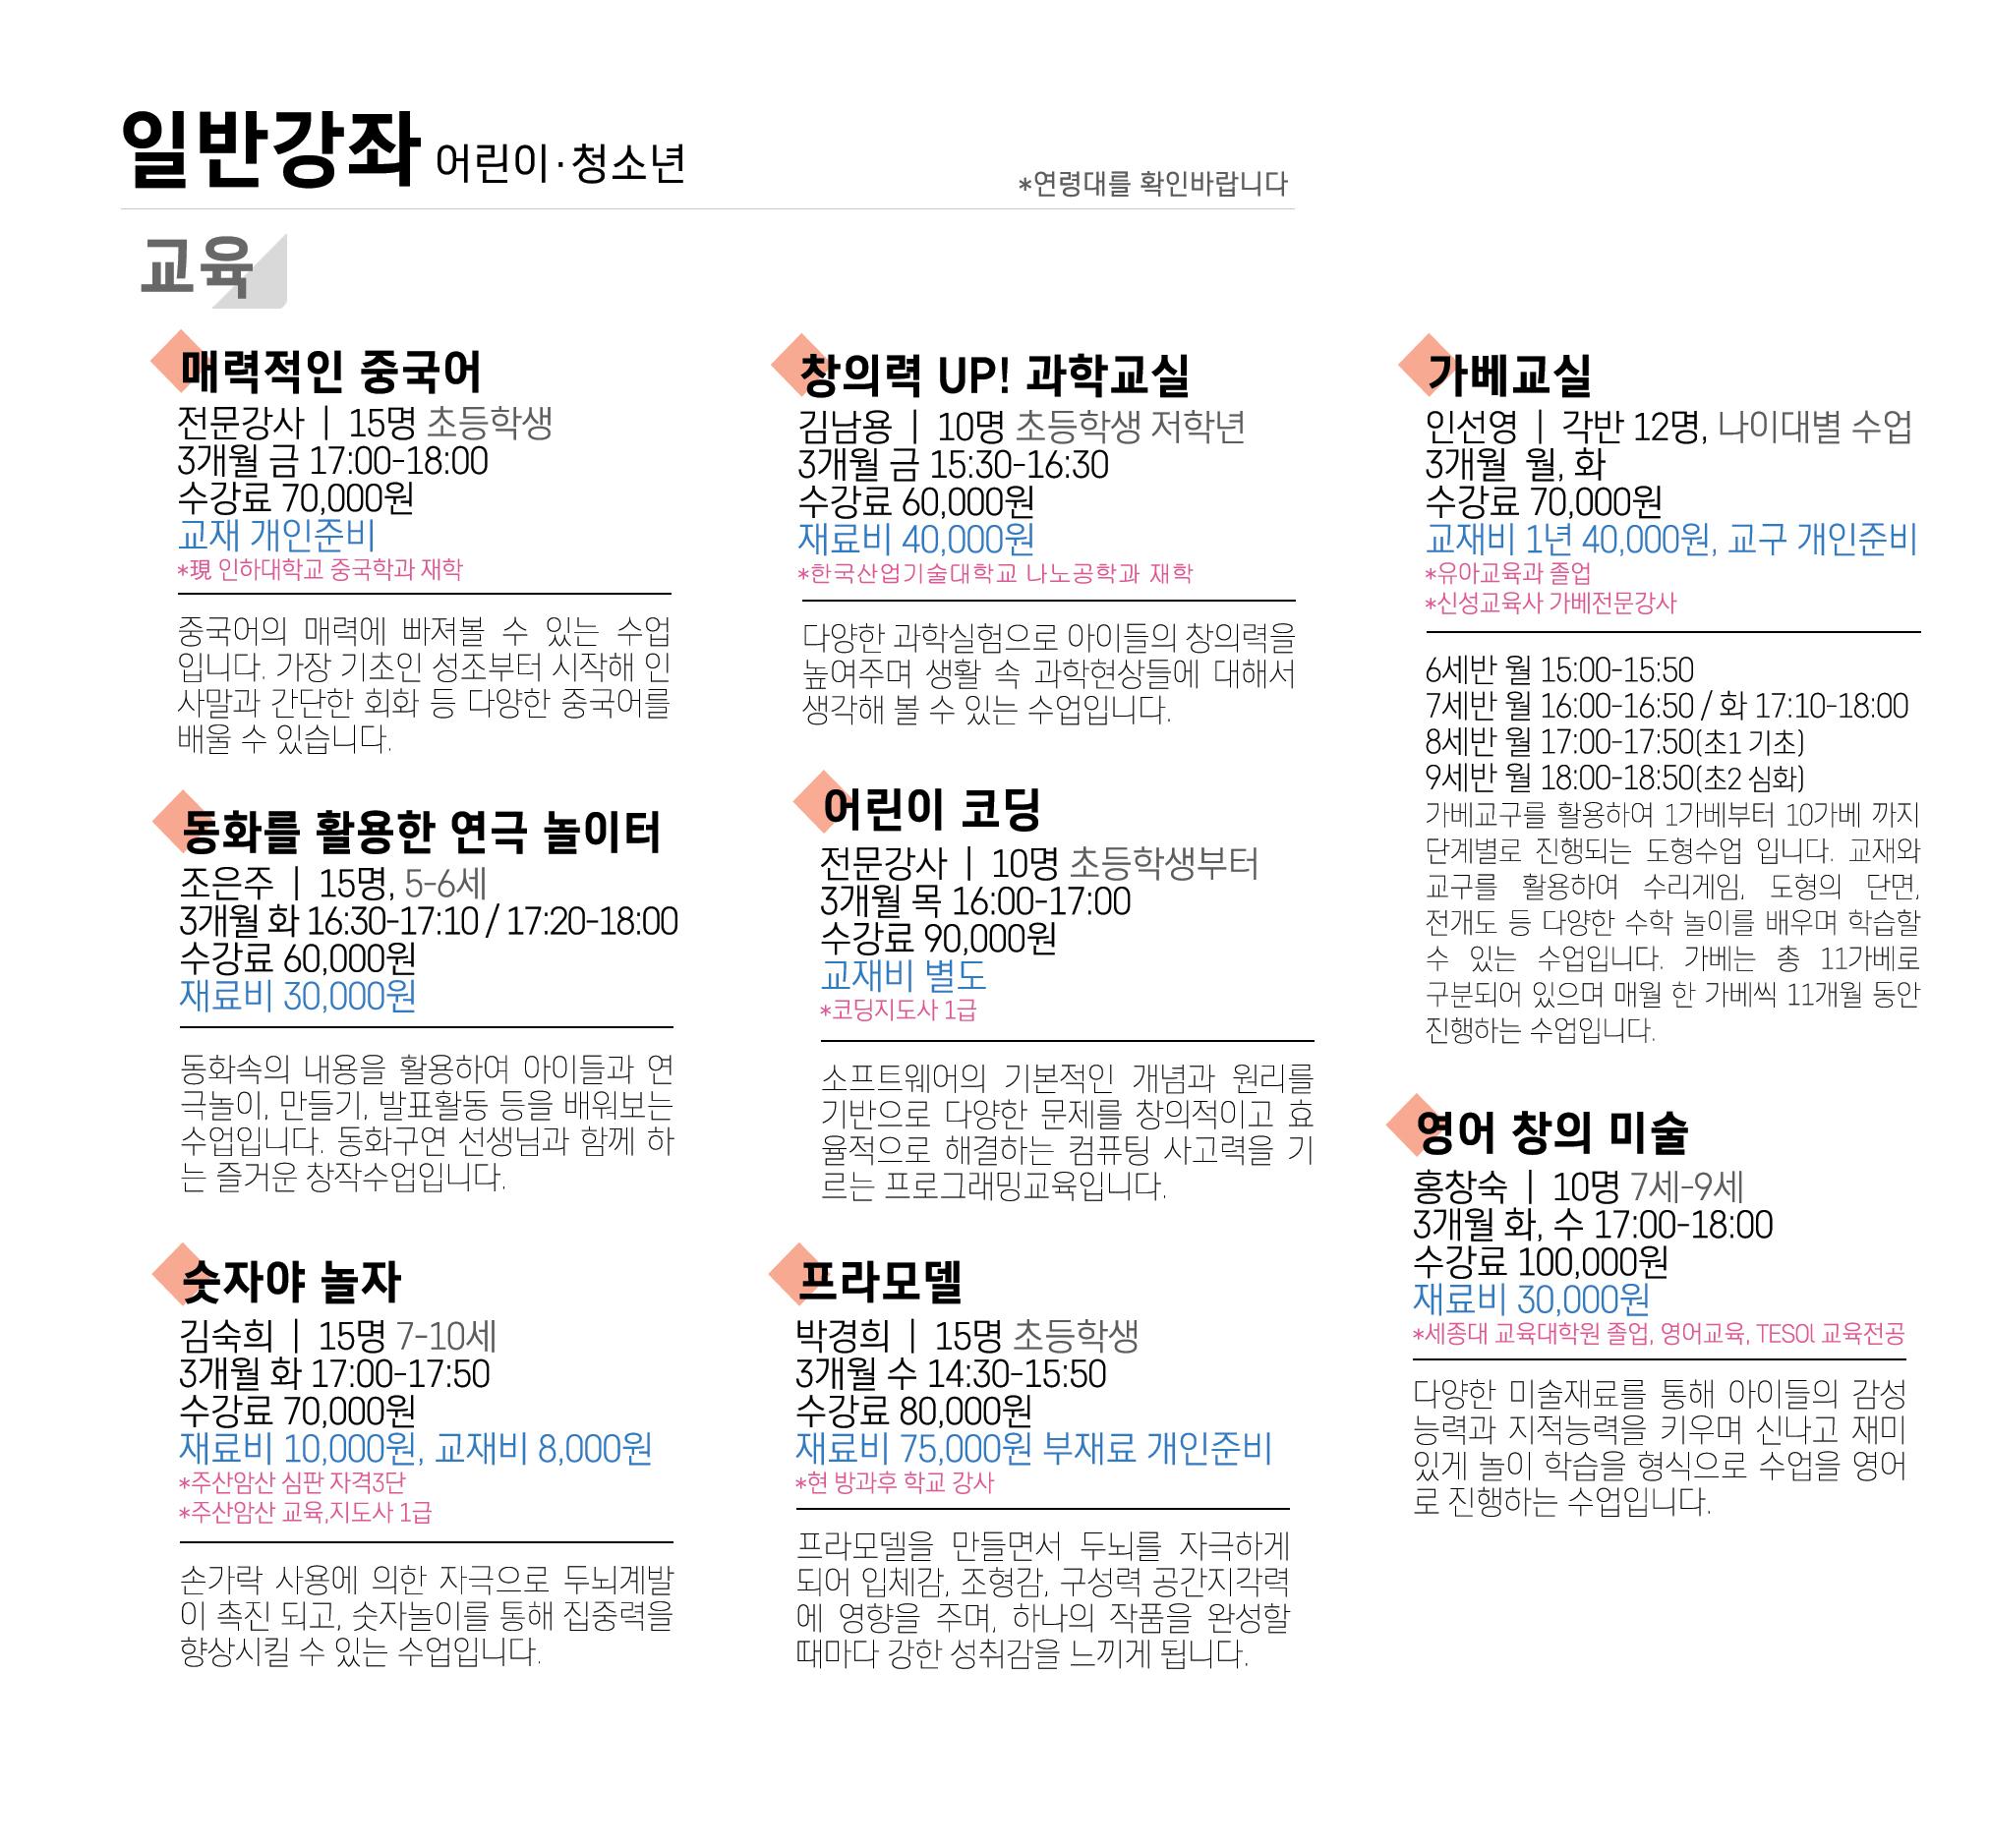 06.-어린이청소년강좌_교육.jpg